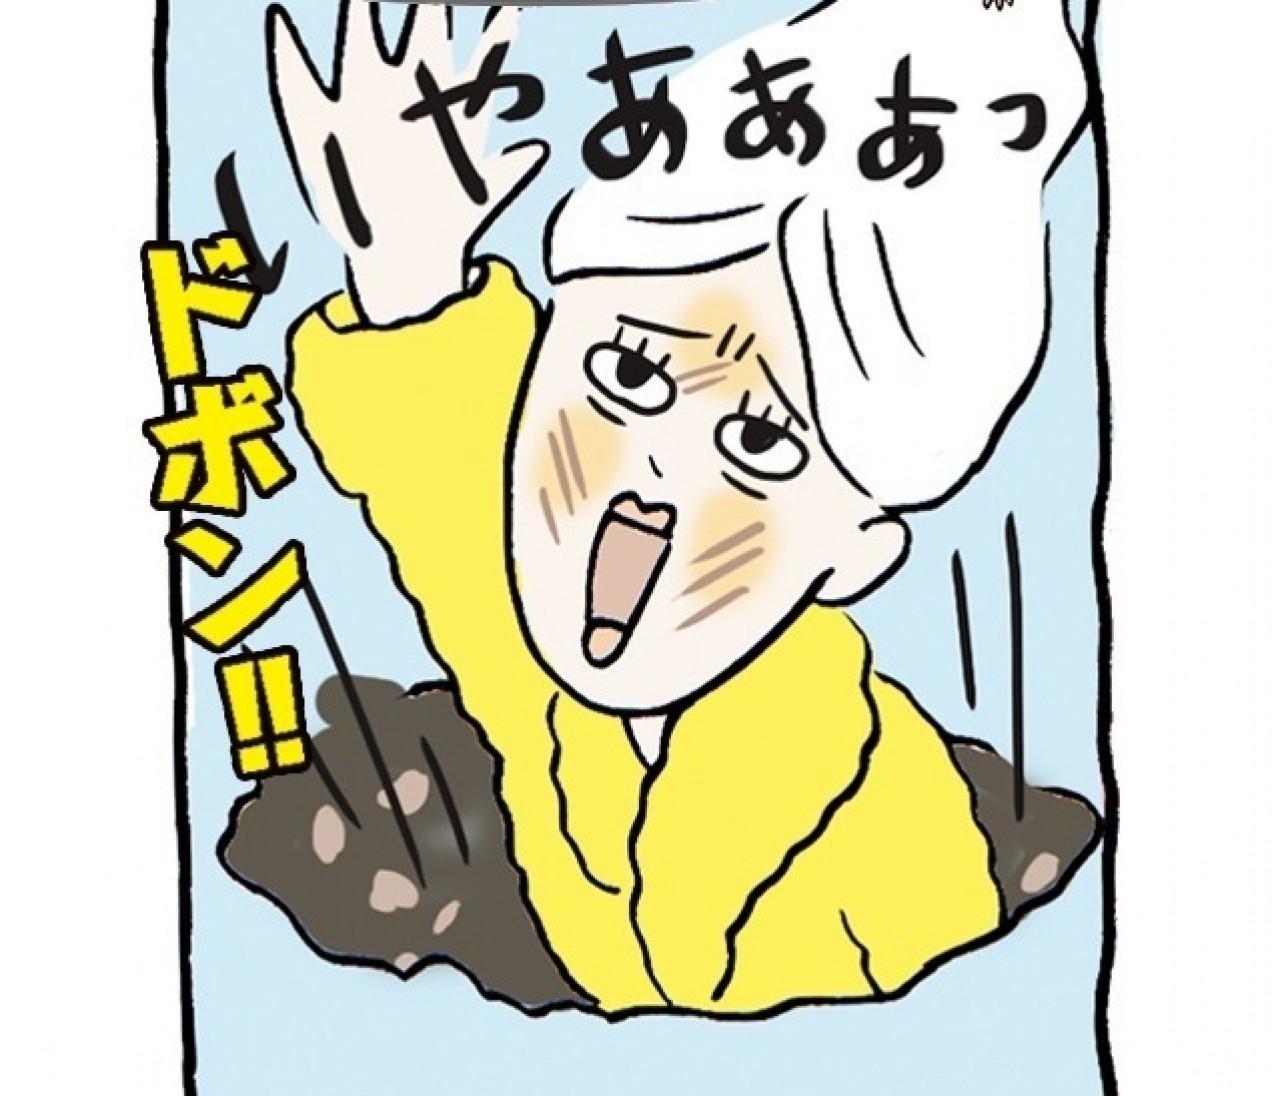 防げエイジング肌!ハマるなキケン!【夏冷え黄ぐすみ落とし穴】 大人の夏スキンケア